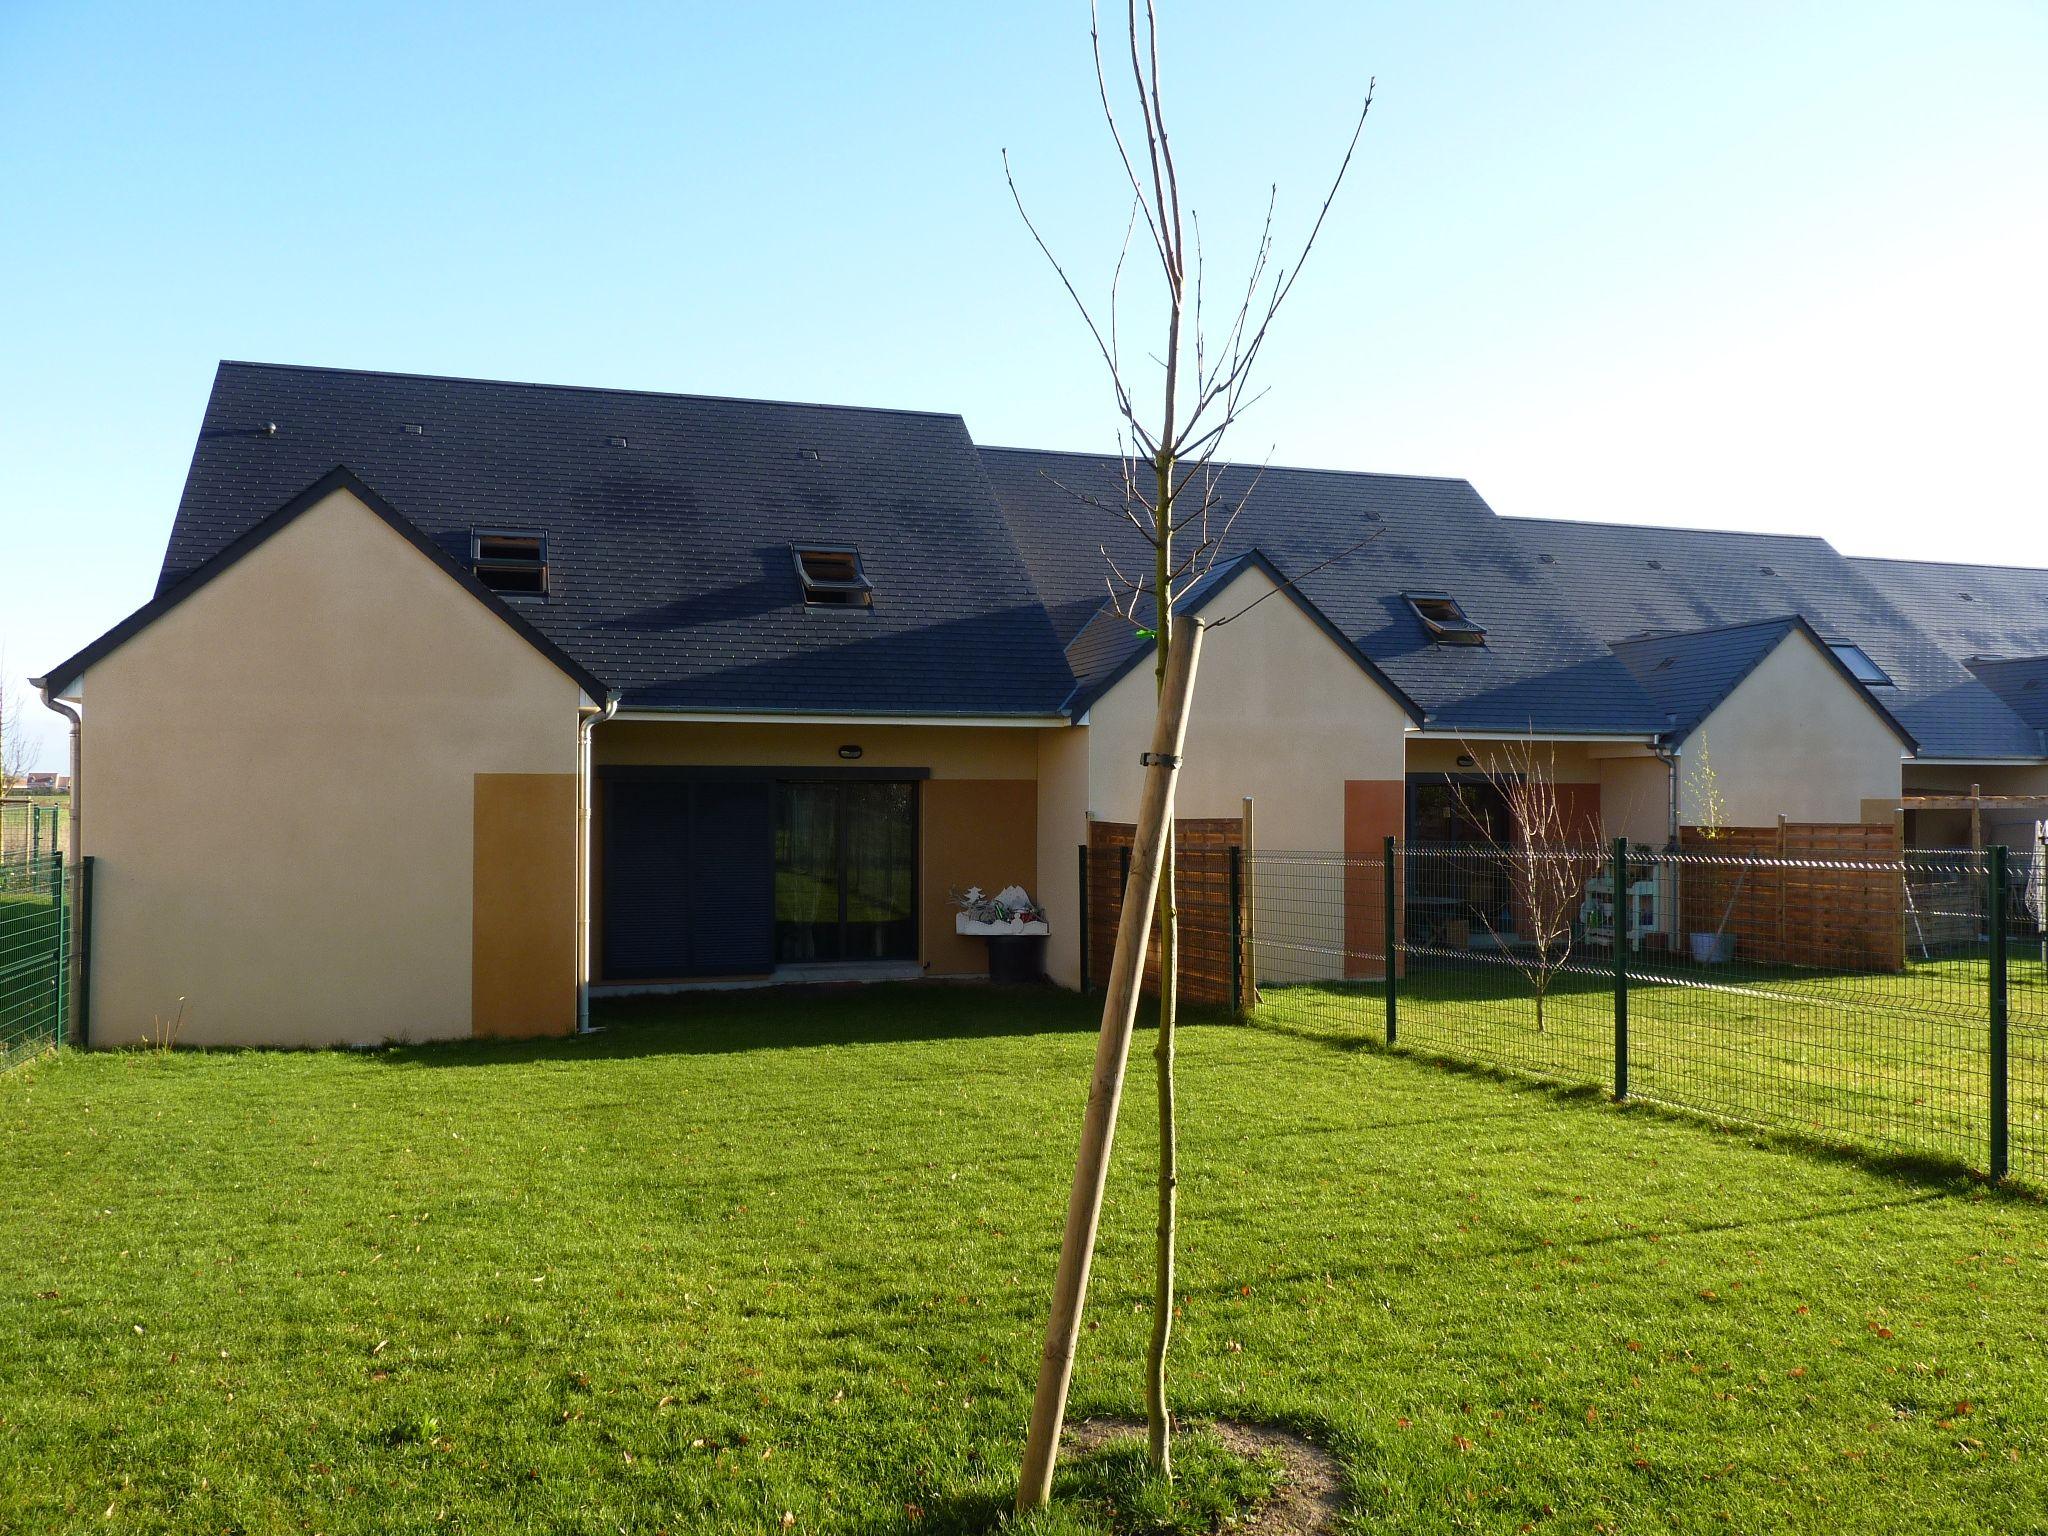 Logement alen on locataion appartement t3 for Entretien exterieur locataire